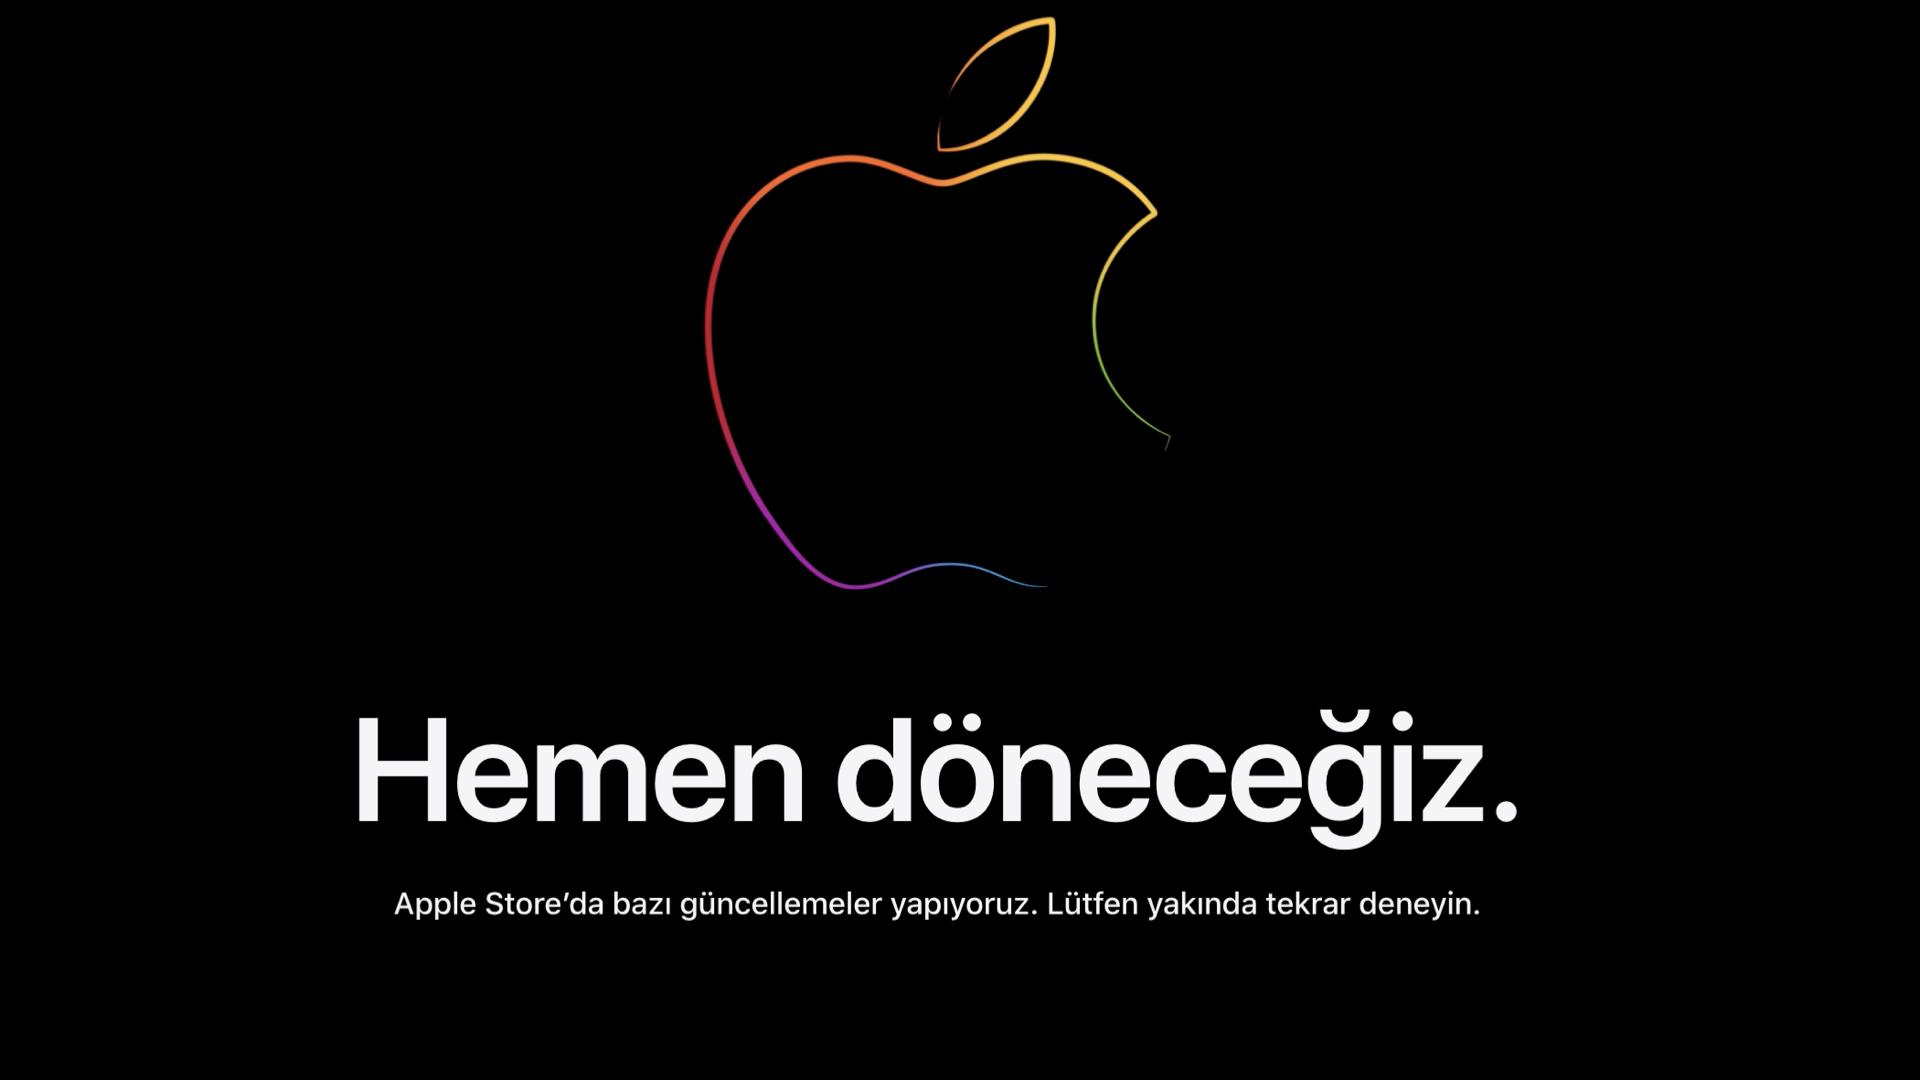 apple fiyat güncellemesi